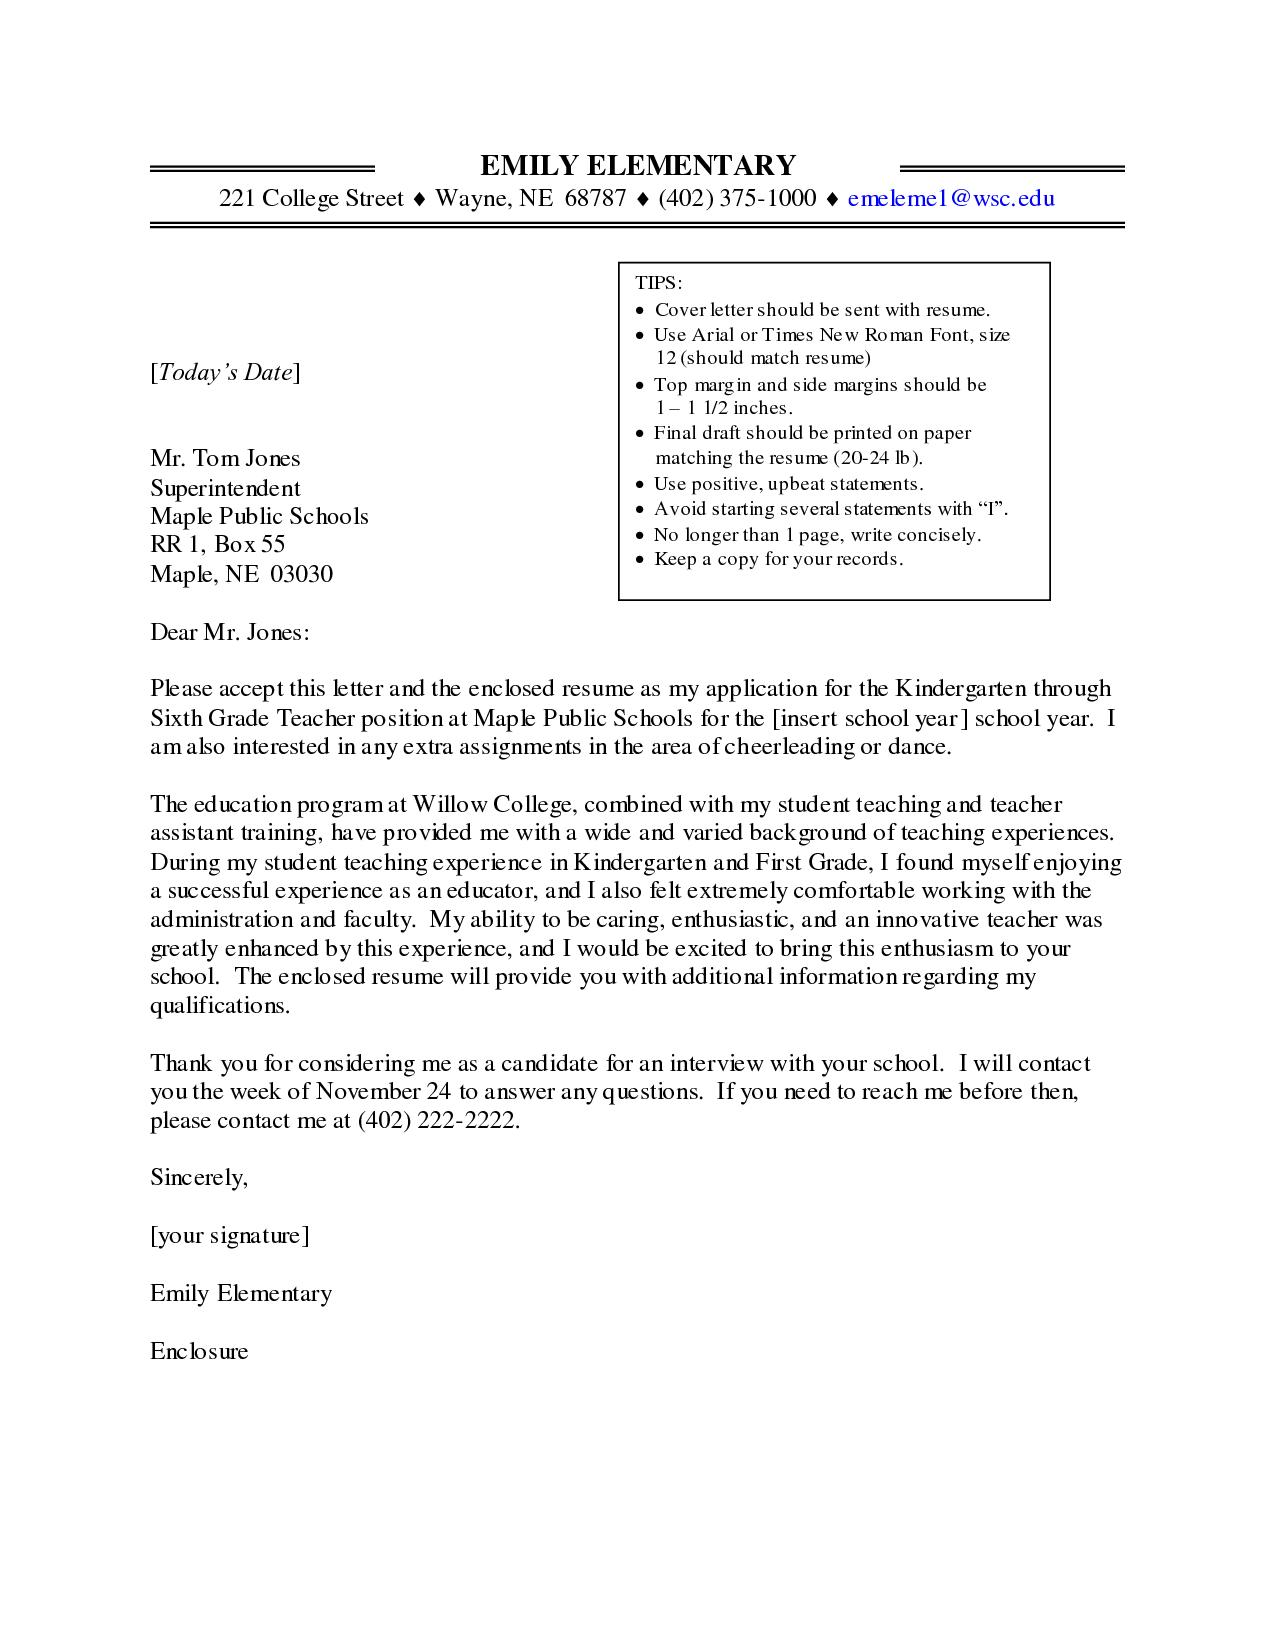 cover letter for teaching job